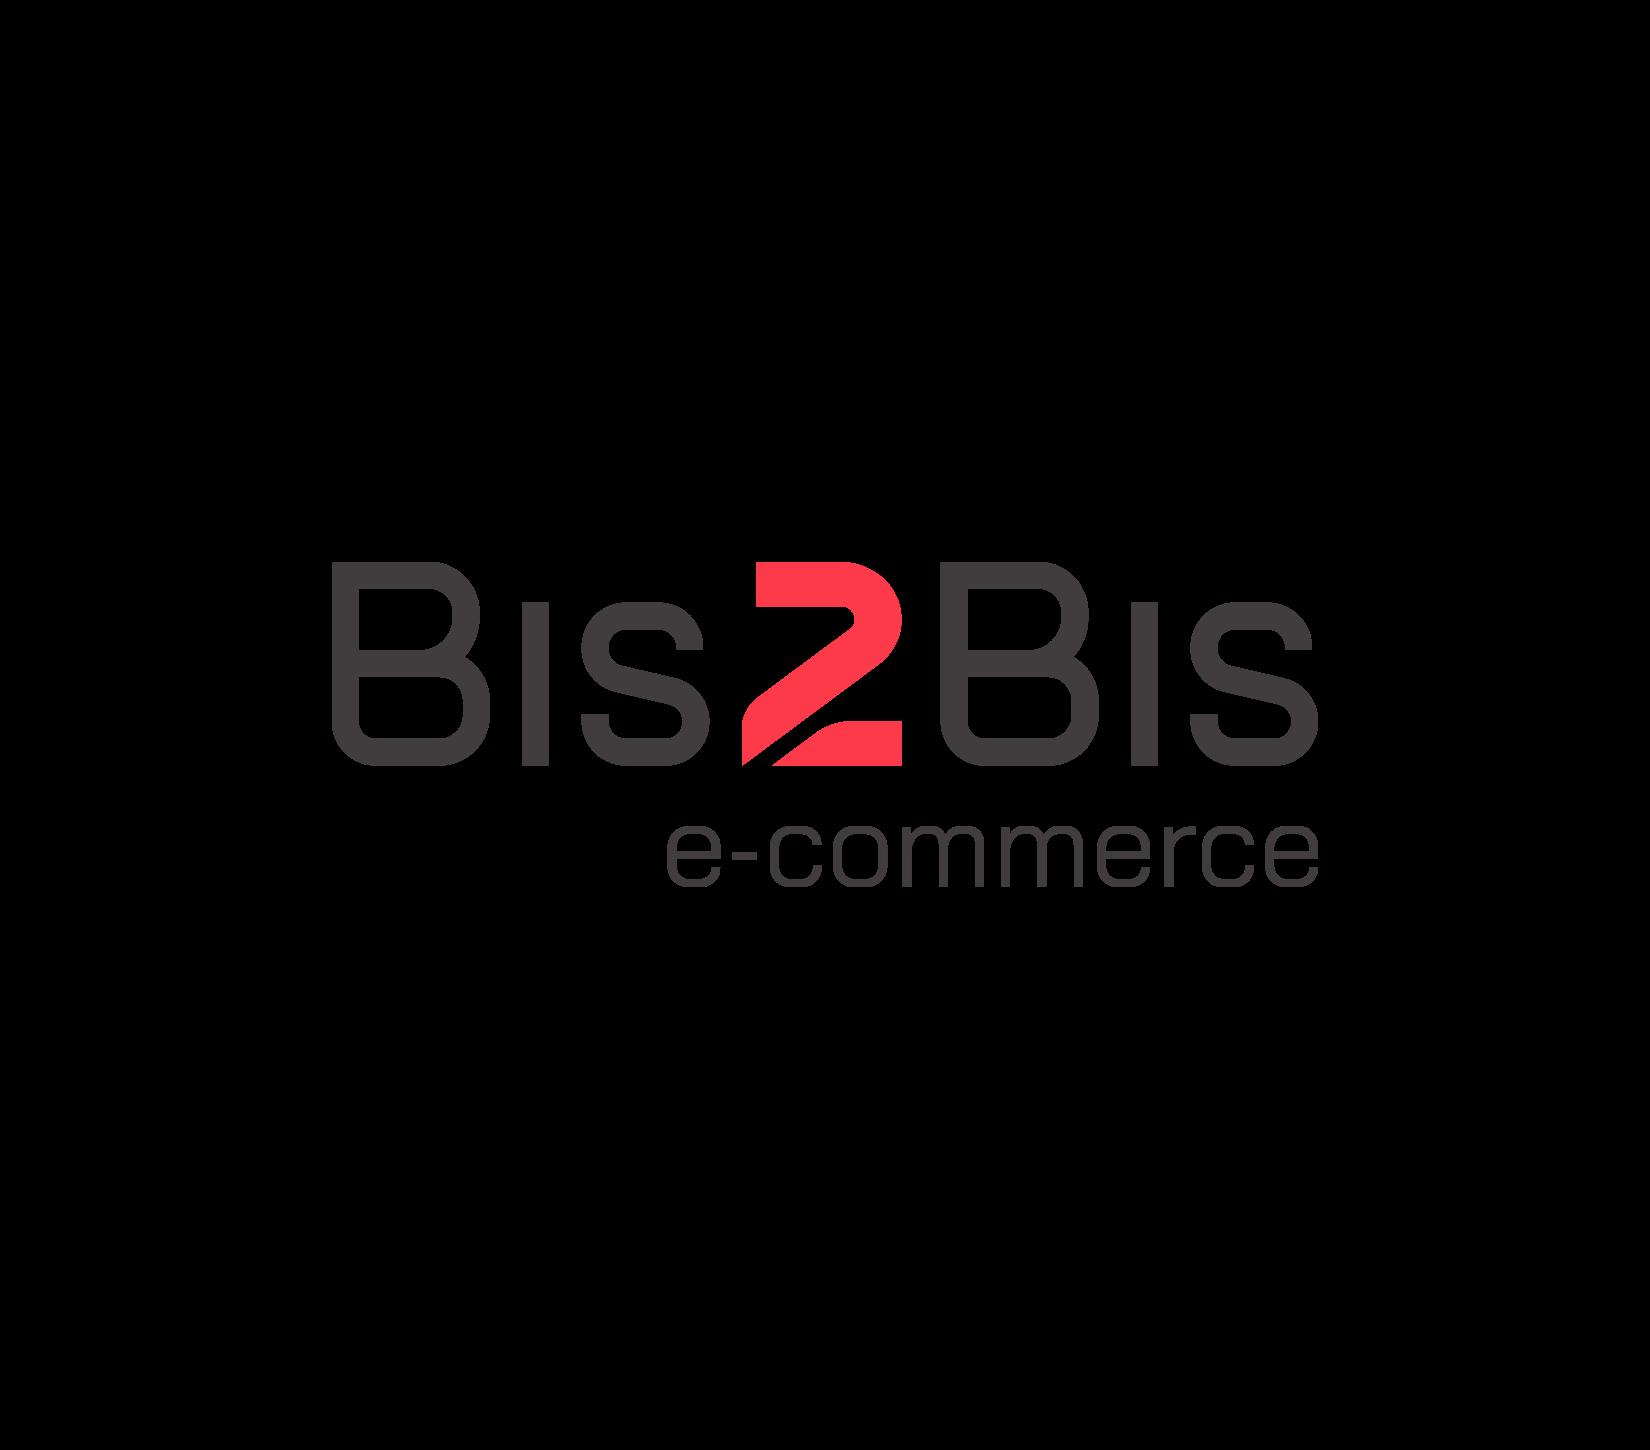 Logo Bis2Bis